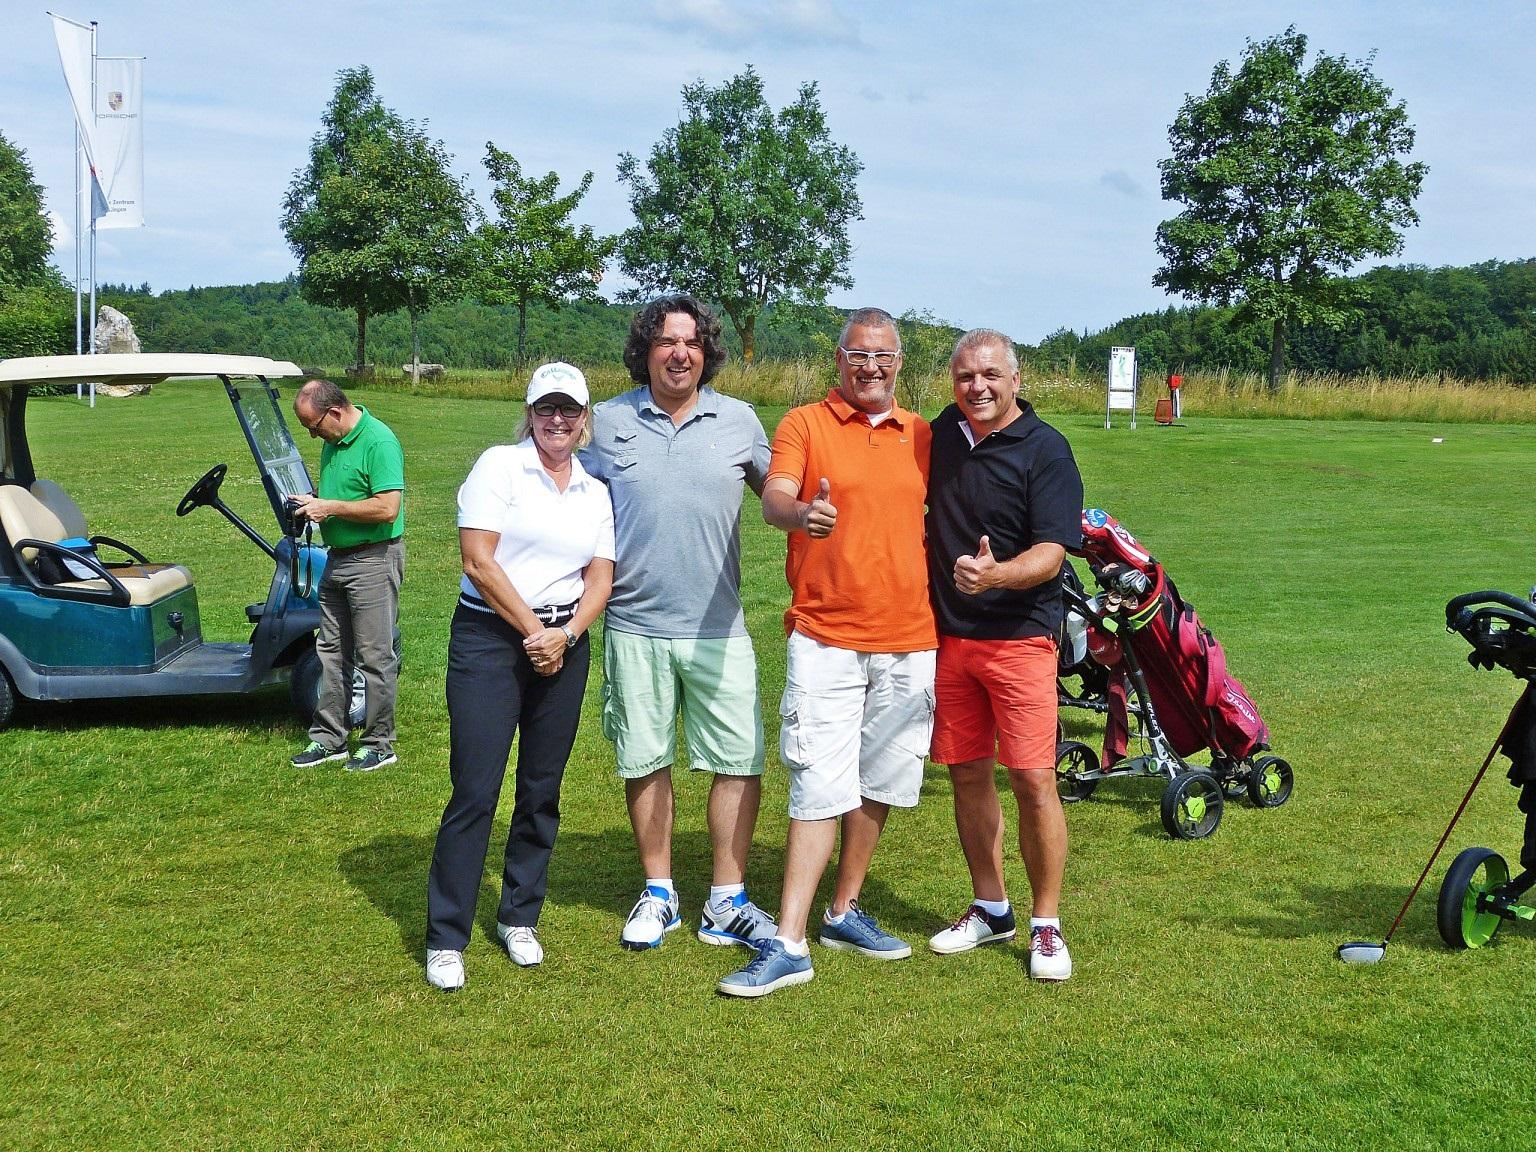 Der Flight des Turnierveranstalters (von links). Gisela Heusel, Erhard Wezel, Oliver Freudenmann und Rainer Wagner, Geschäftsführer der Moser-Tochter Grün- und Landschaftspflege GmbH & Co. KG.